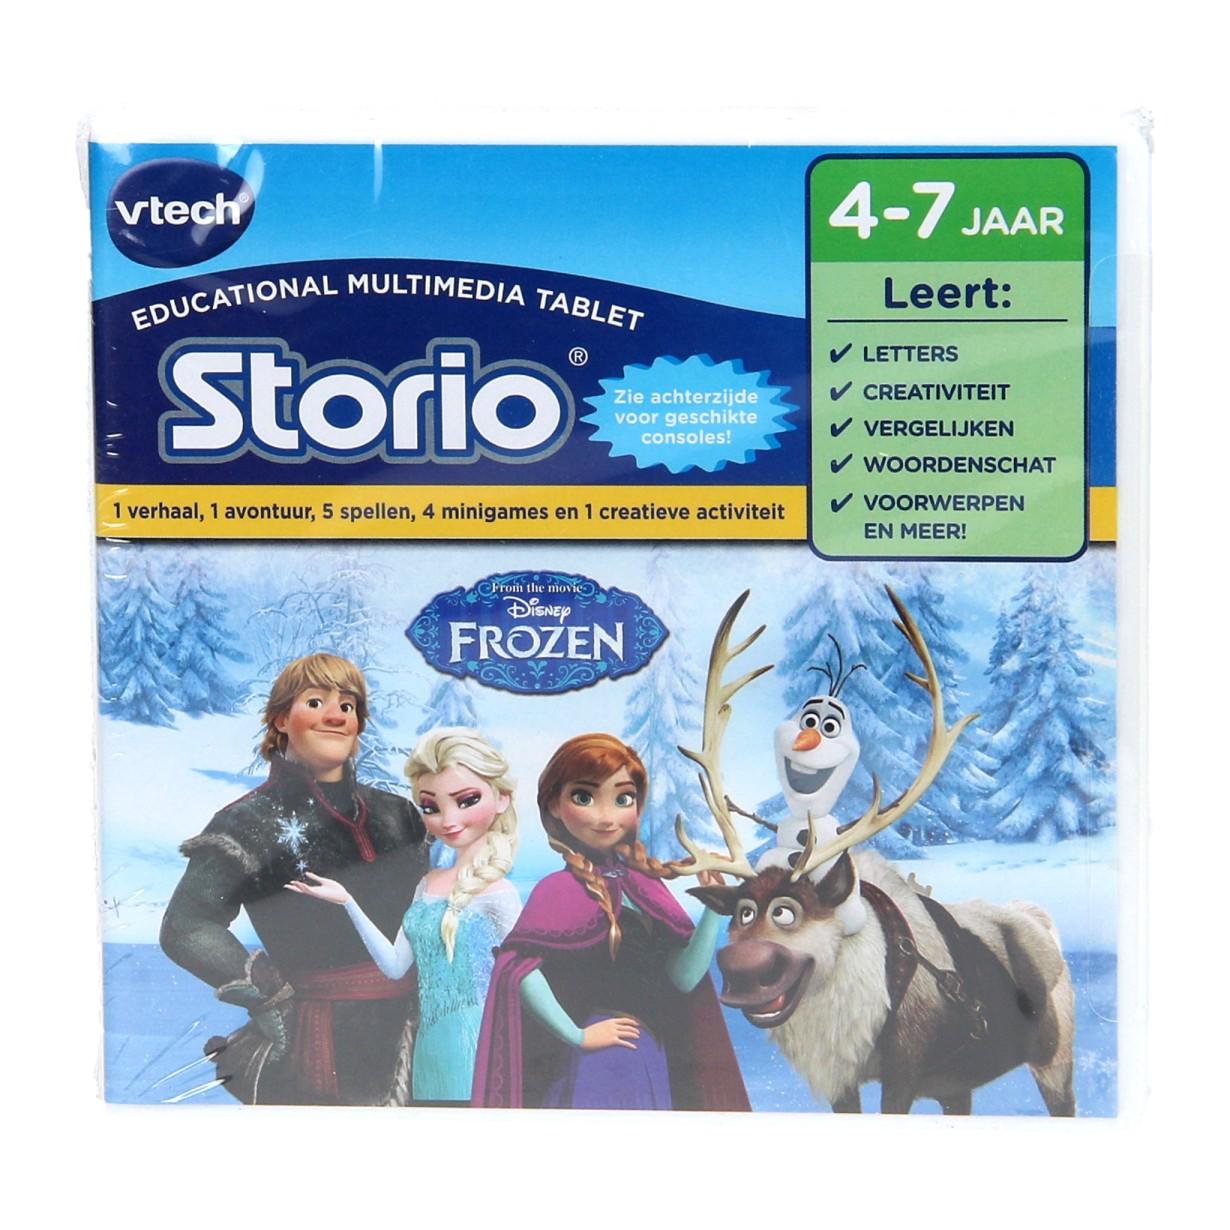 Vtech Storio Frozen Met Afbeeldingen Gekke Foto S Disney Frozen